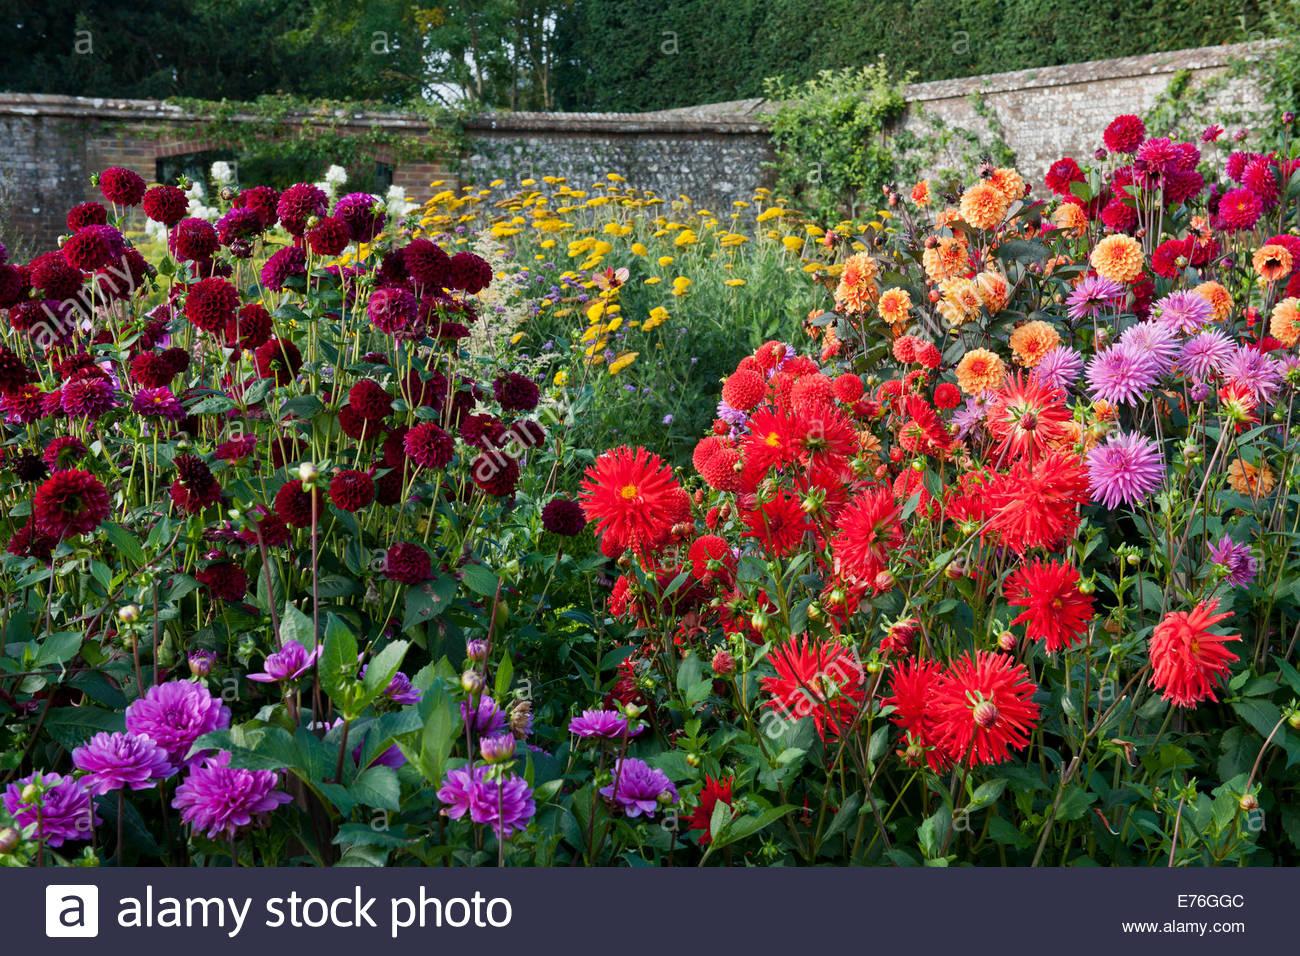 Jardin de fleurs coupées mélangées Dahlias fleurs fleurs fleurs ...